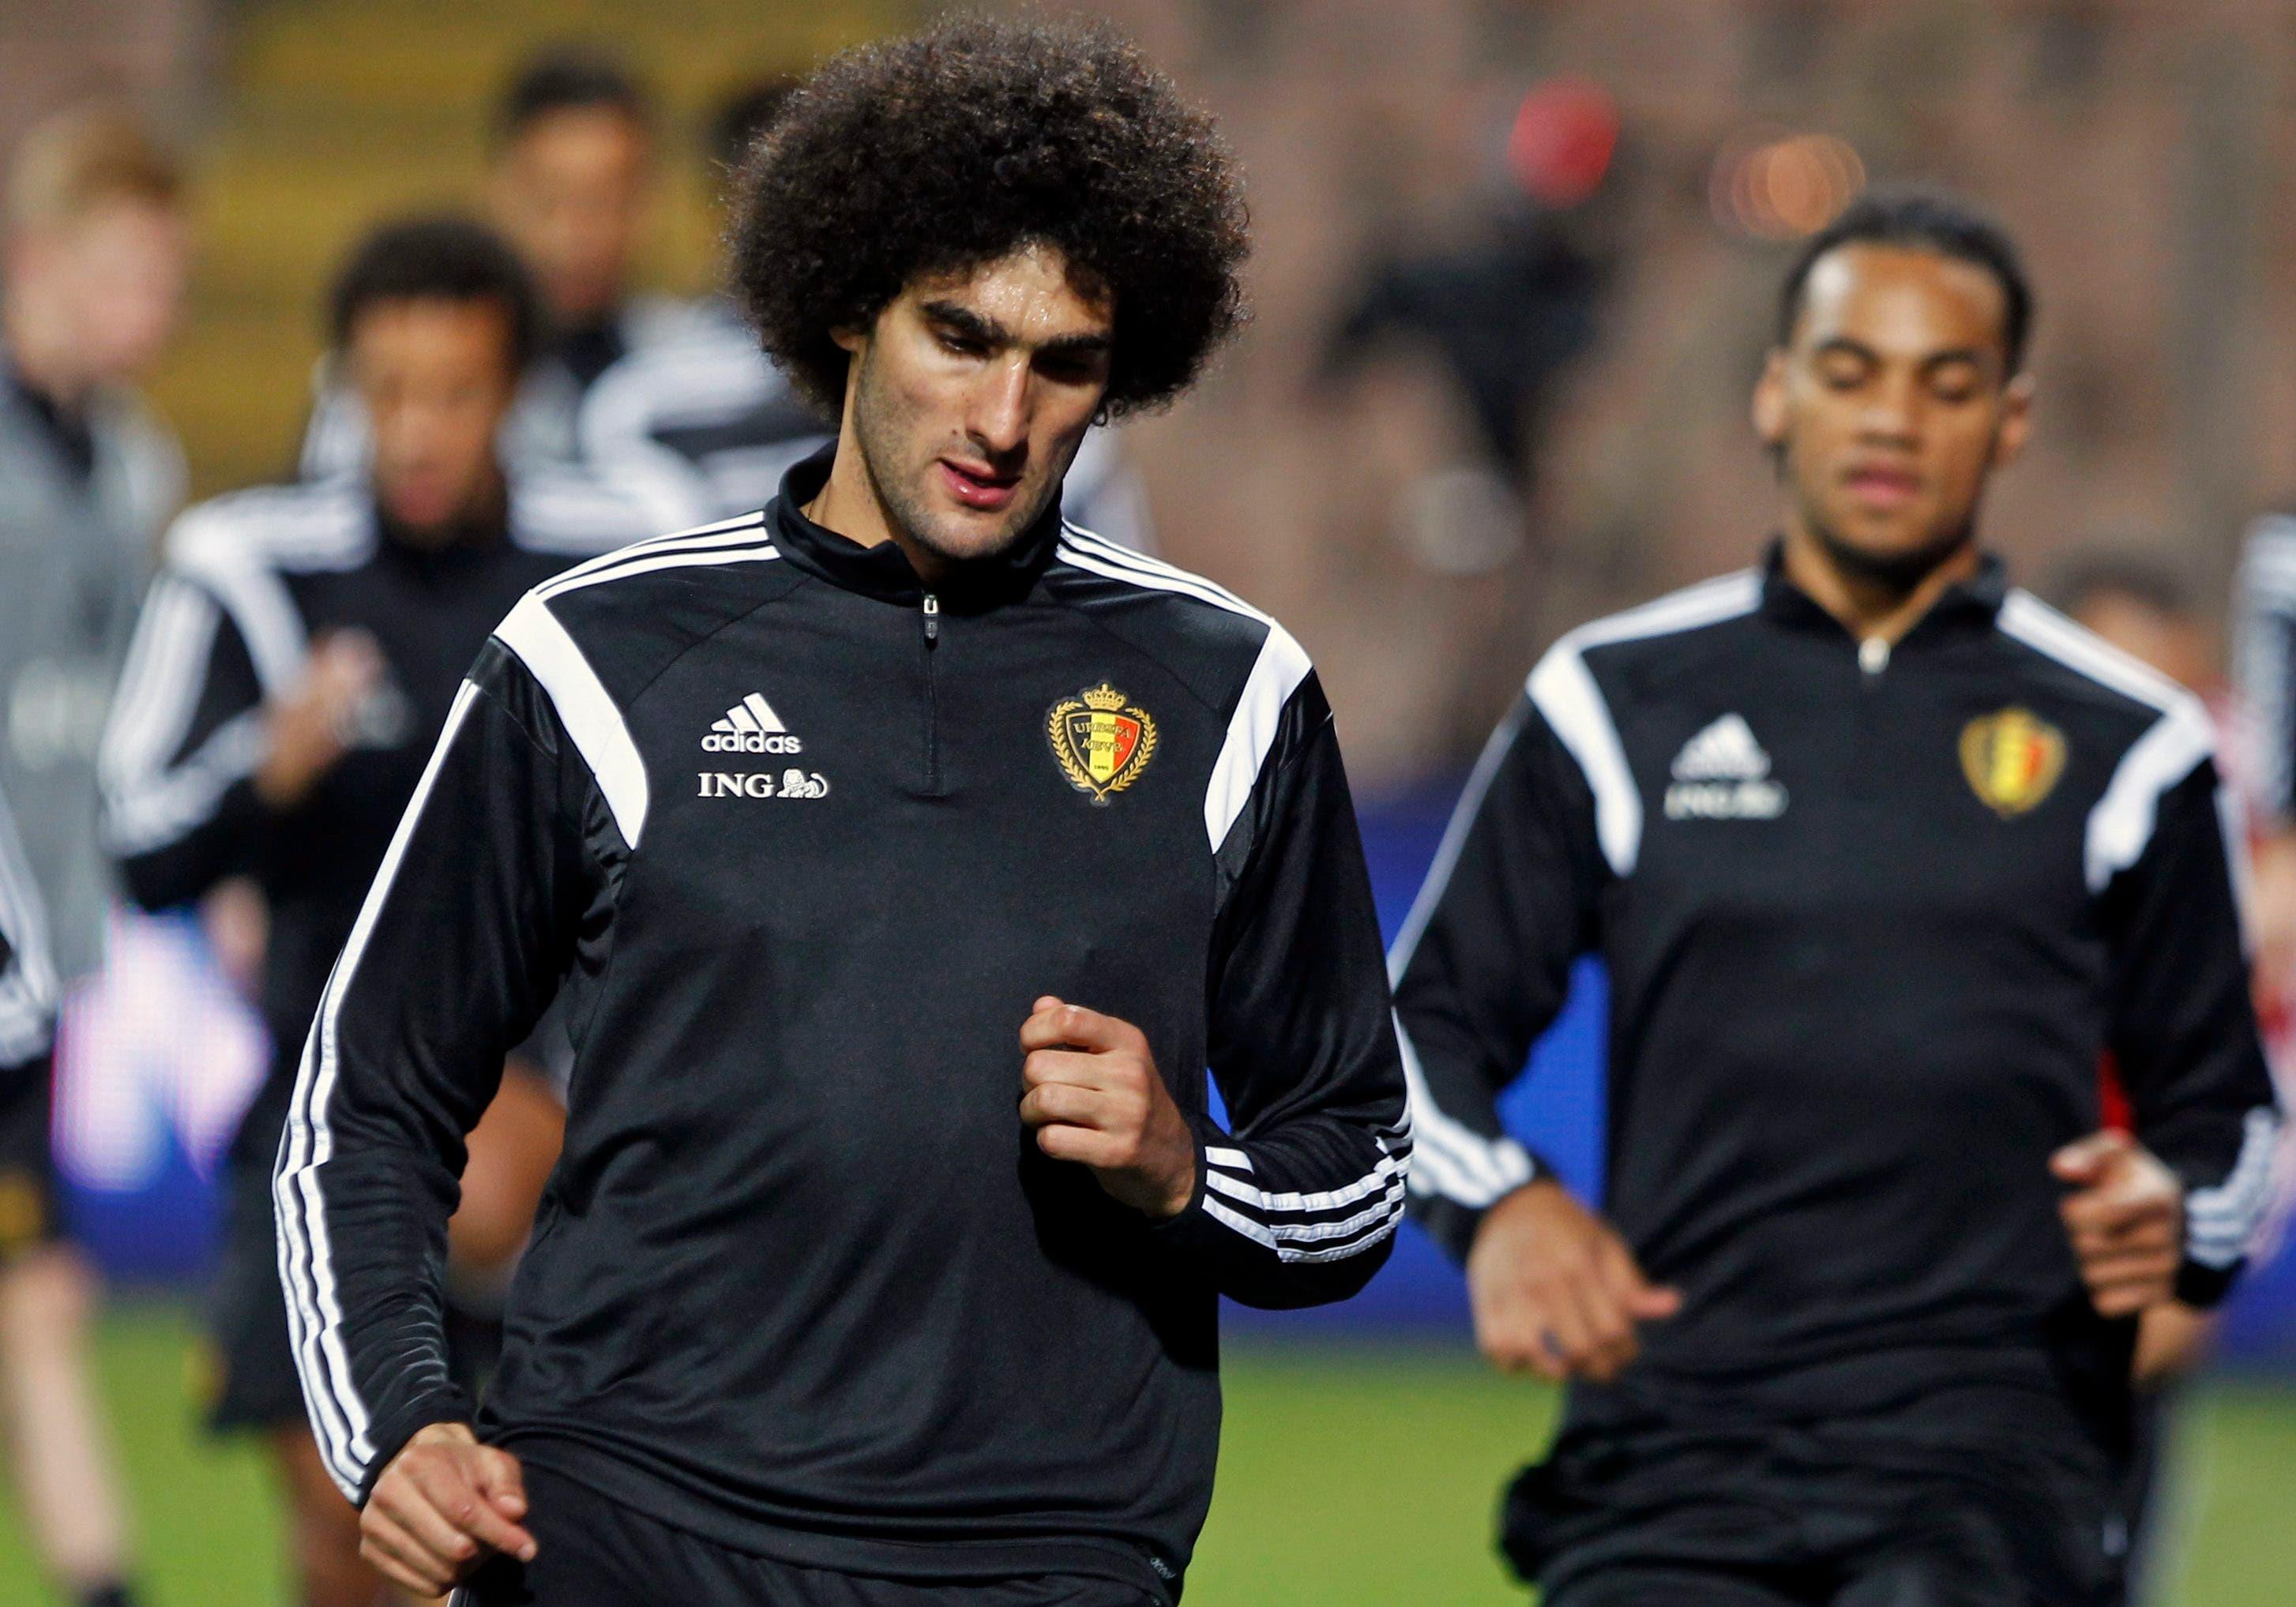 فيلايني يجري تدريباته مع المنتخب البلجيكي